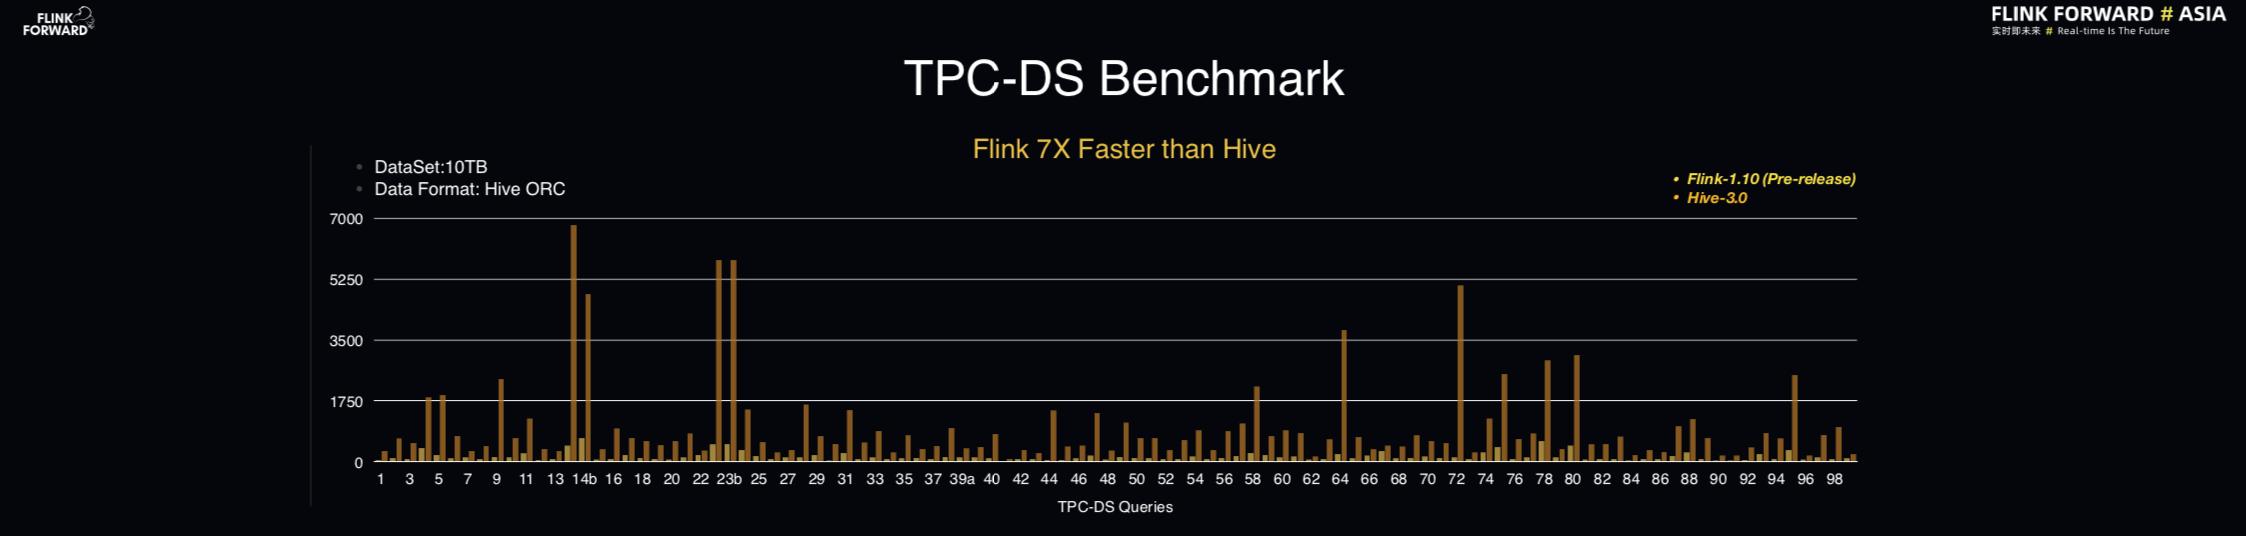 6-TPC-DC bench-mark.png